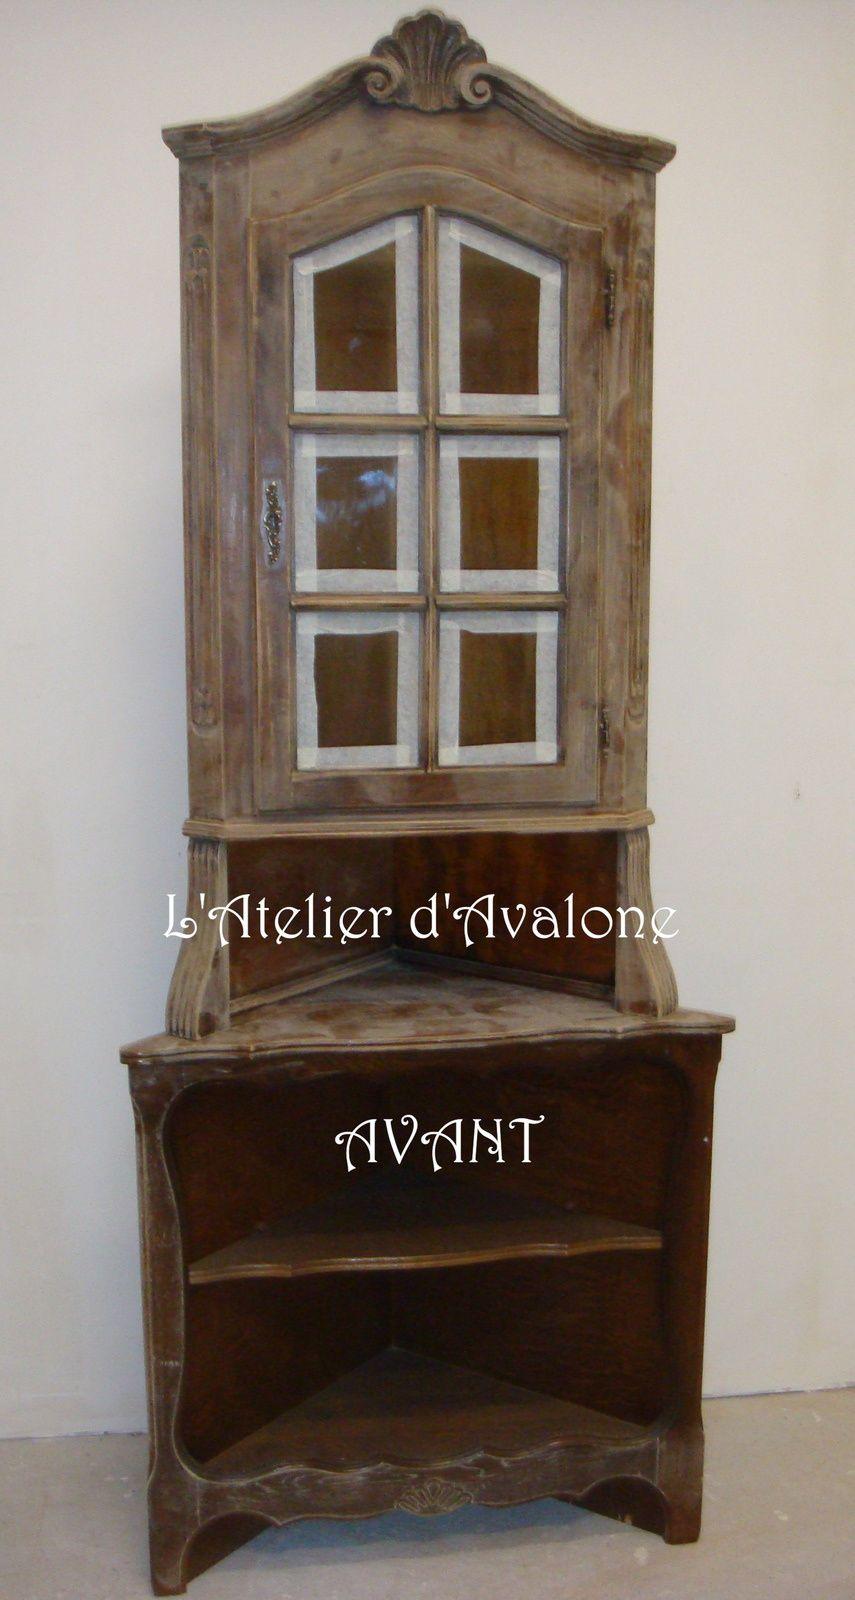 Relooking avant apr s l 39 atelier d 39 avalone relooking de meubles et d - Meubles campagne brocante ...